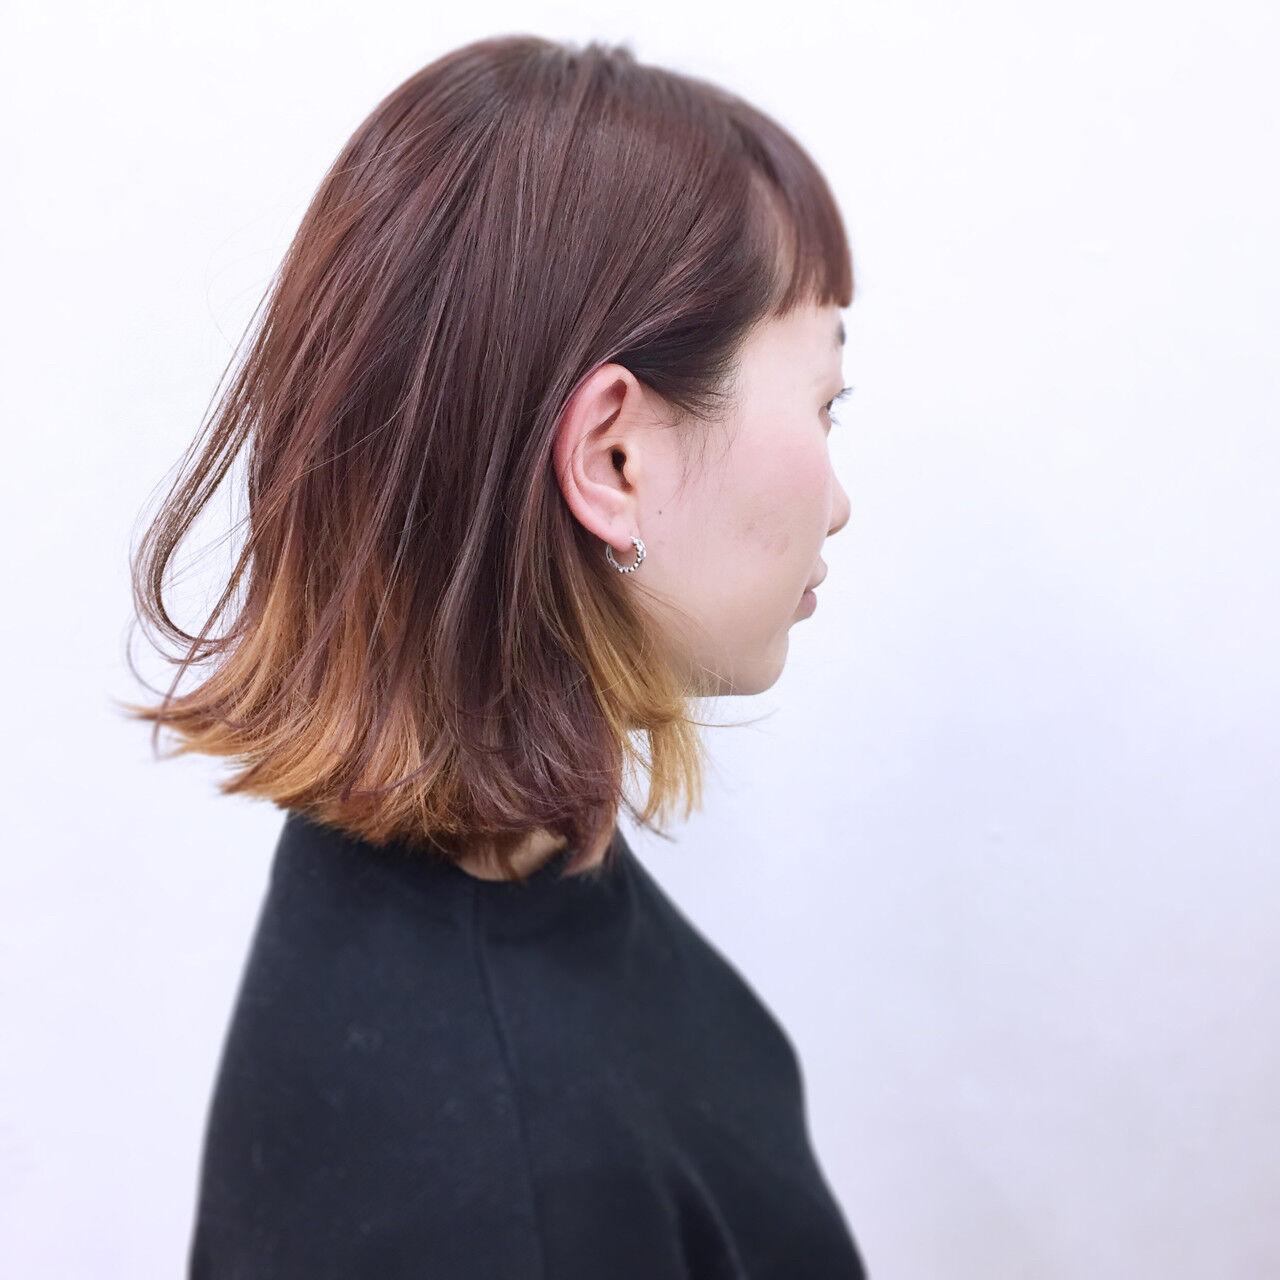 前髪あり ボブ イエロー インナーカラーヘアスタイルや髪型の写真・画像